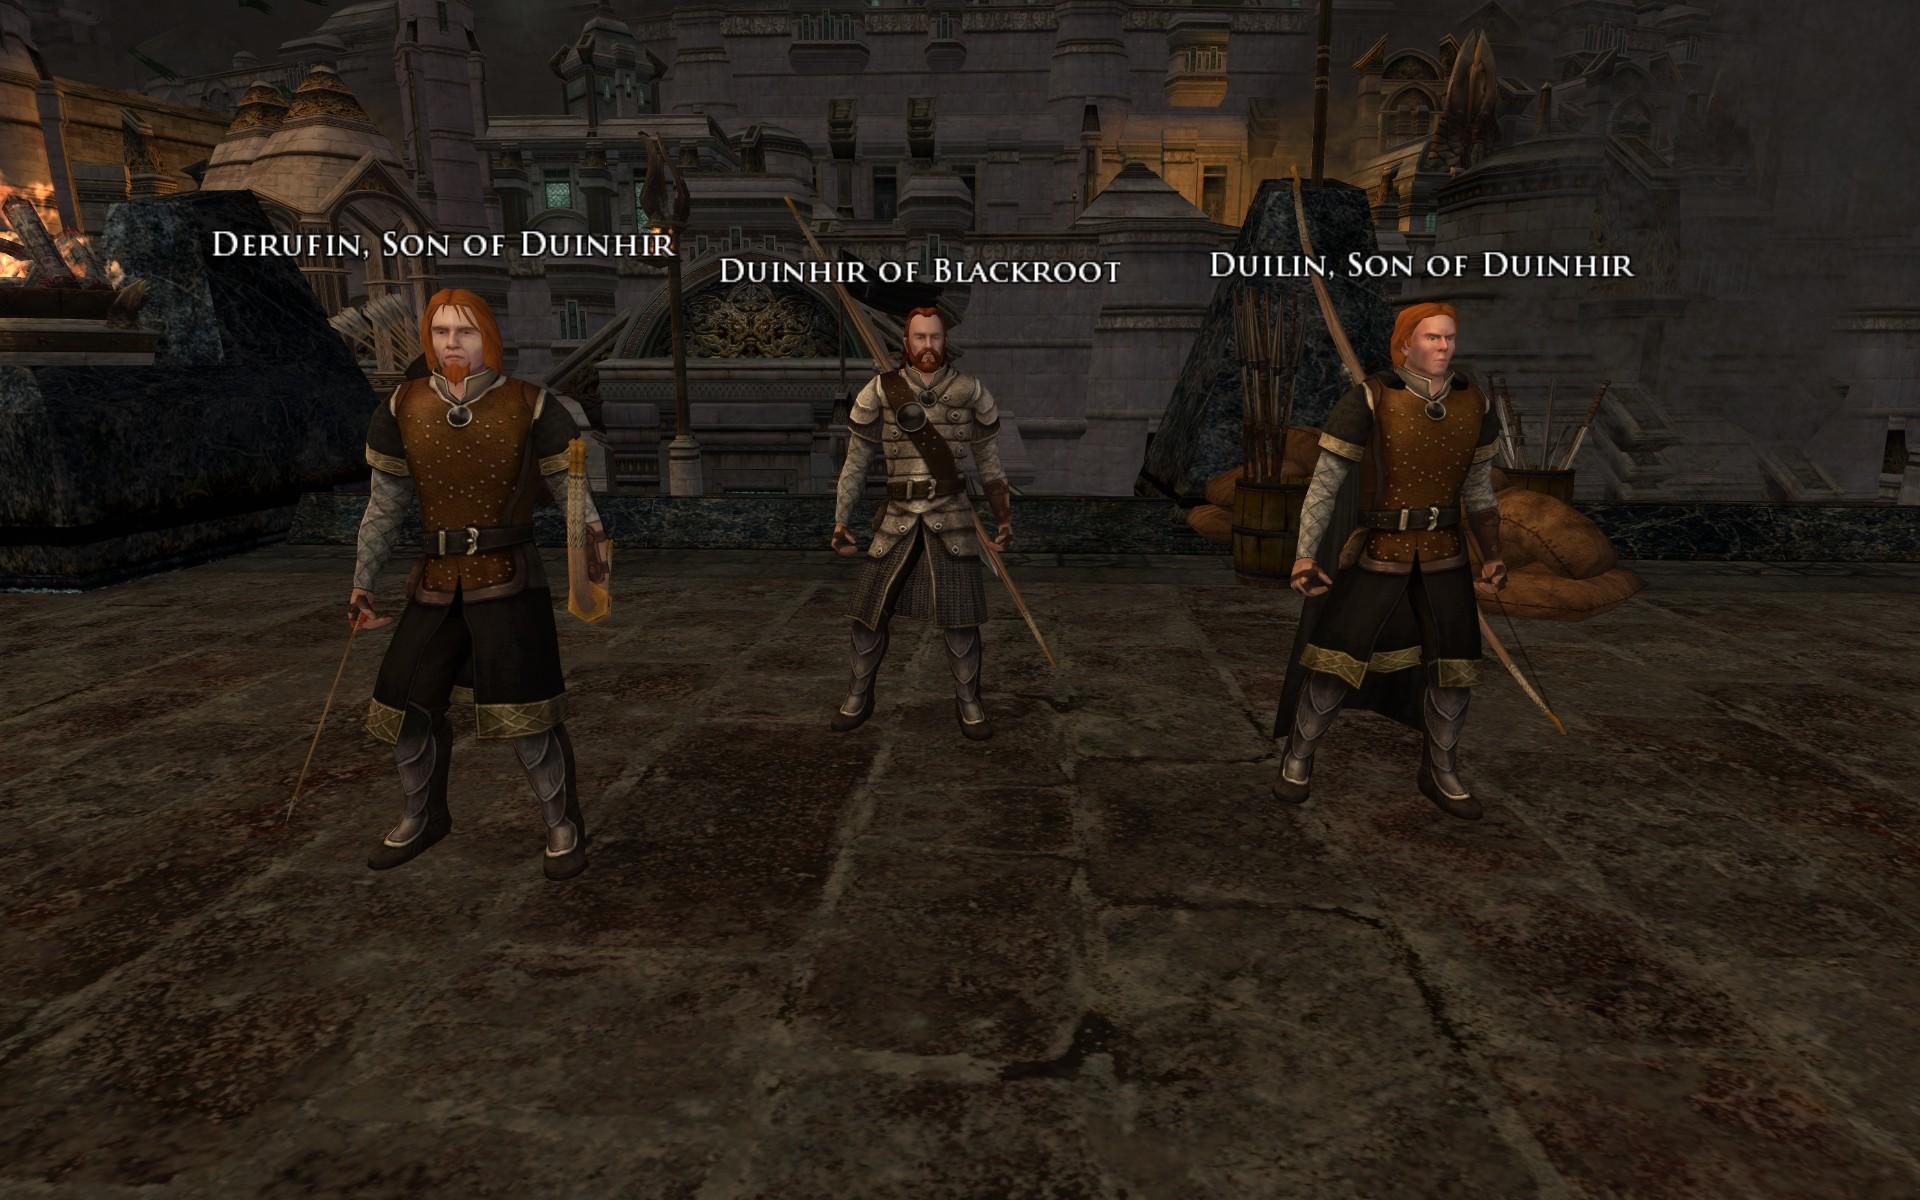 『ロード・オブ・ザ・リングス オンライン』におけるドゥインヒア、ドゥイリン、デルフィン